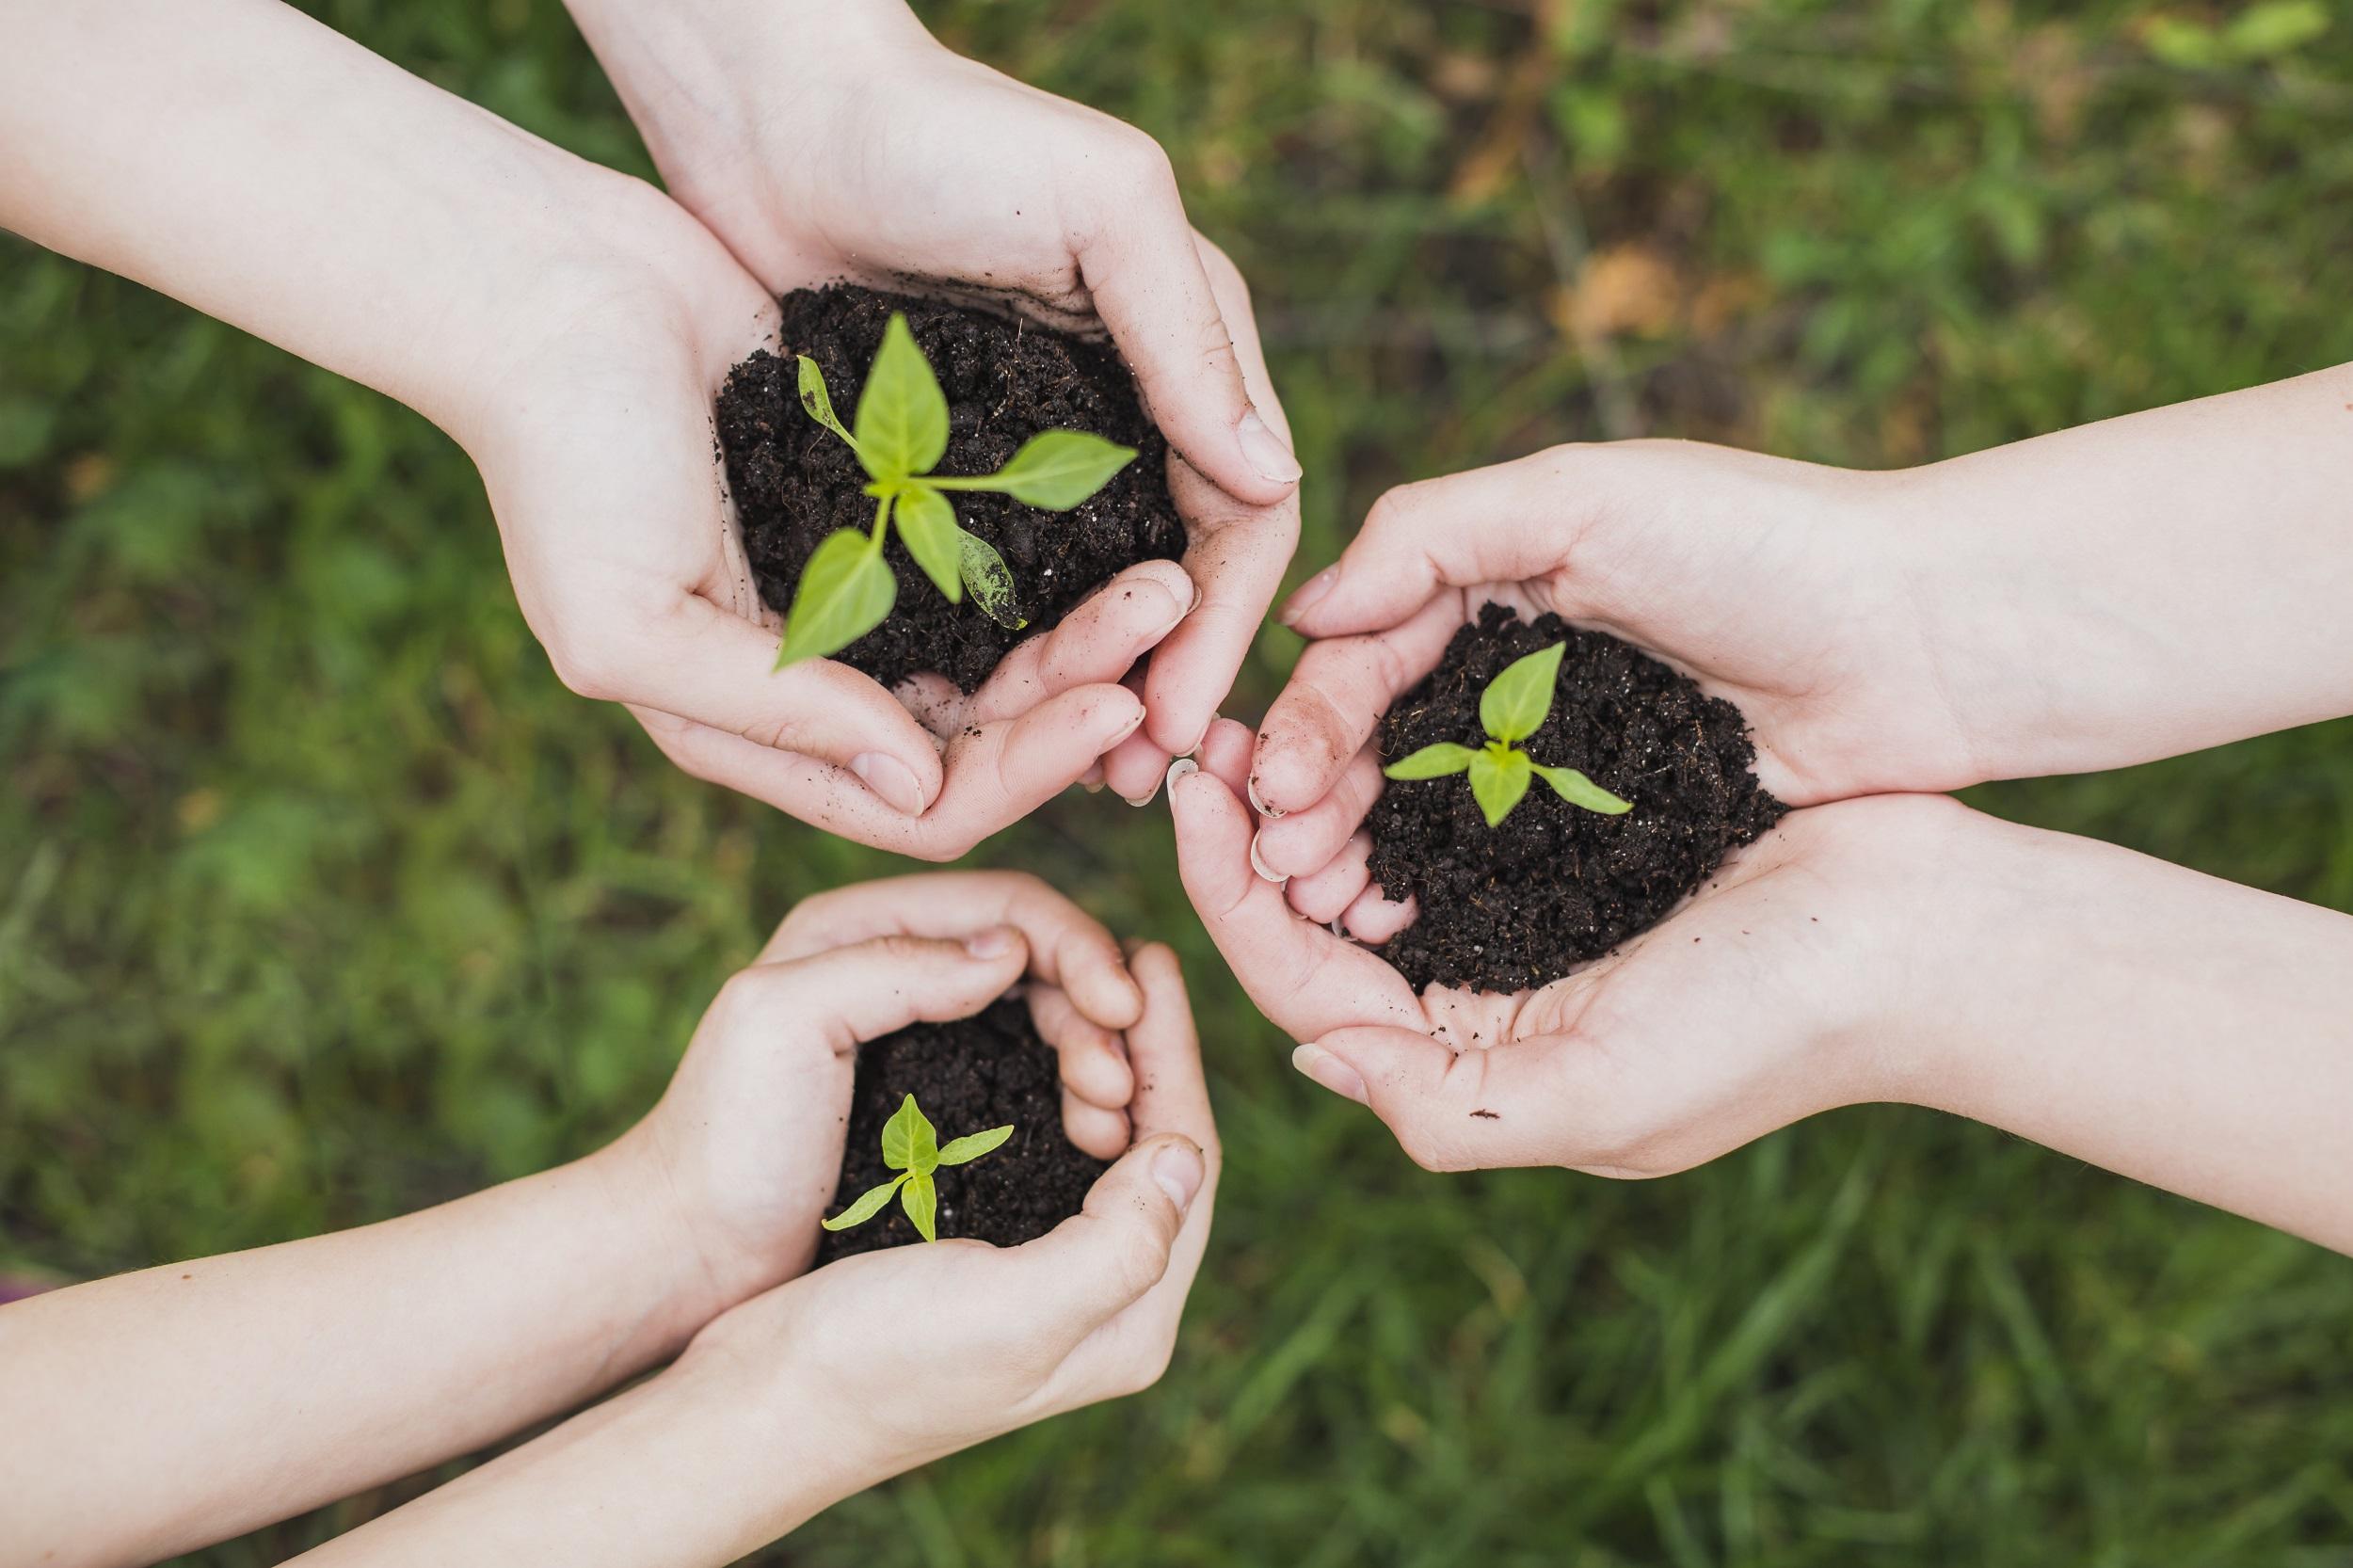 Humanidade atinge limite do uso sustentável dos recursos naturais ...